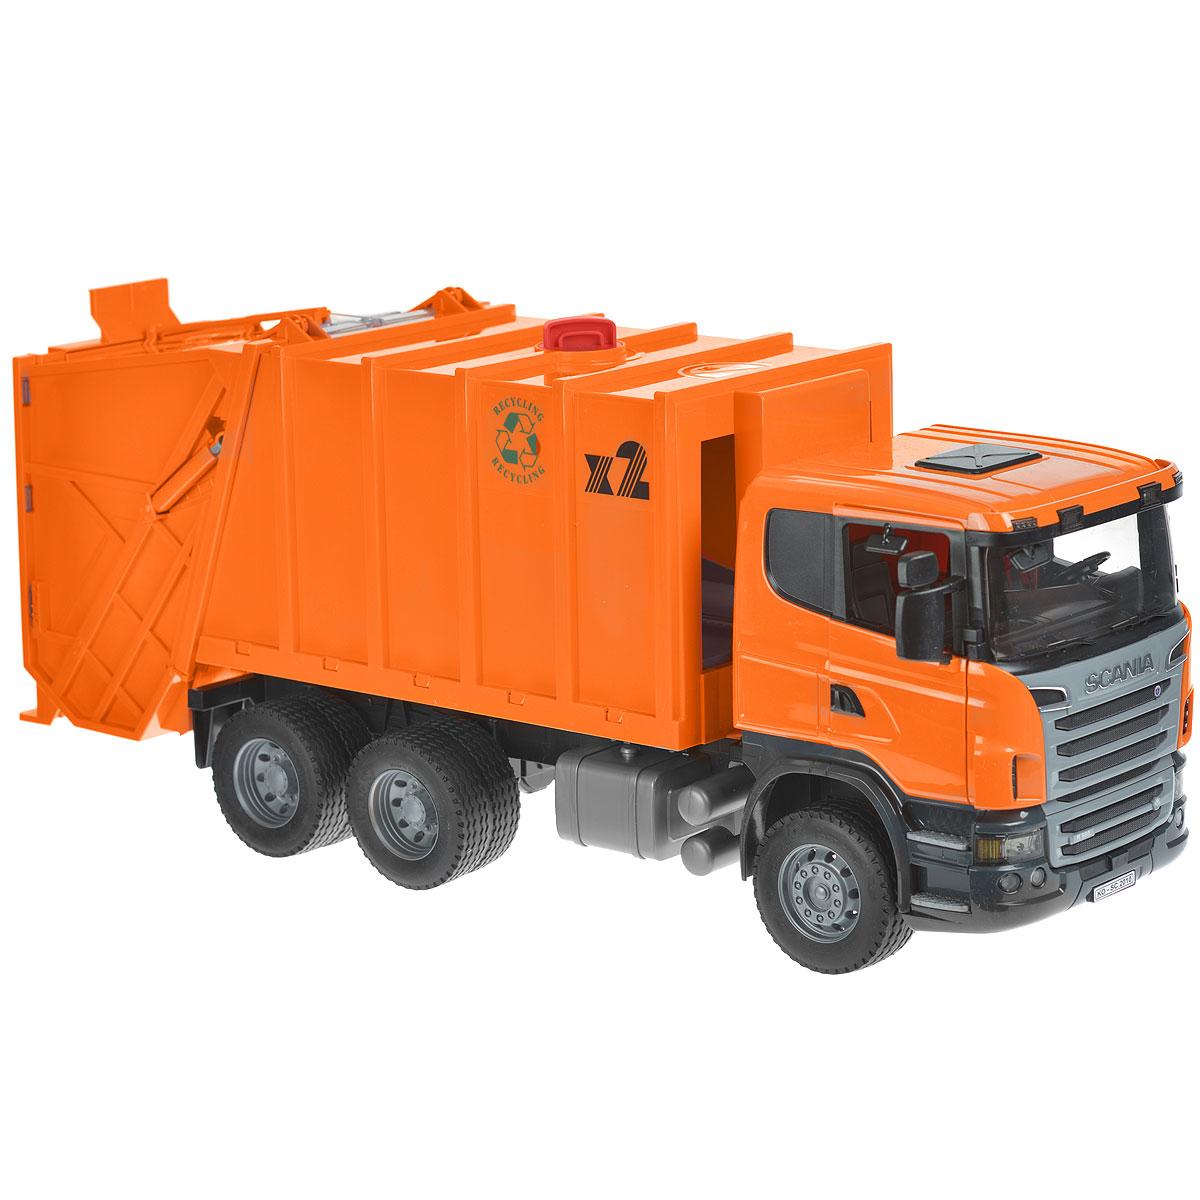 Bruder Мусоровоз Scania цвет оранжевый03-560Мусоровоз Bruder Scania, выполненный из прочного безопасного пластика оранжевого цвета, отлично подойдет ребенку для различных игр. Машина является уменьшенной копией мусоровоза фирмы Scania. Нет ничего удивительного в том, что это машина является одной из самых ведущих и продаваемых в этой серии грузовиков. С ее помощью можно убирать строительный мусор: перевозить камни, песок, ветки и другие грузы. Большое внимание уделено деталям: кабина водителя откидывается, имеет прозрачное ветровое стекло, изготовленное из небьющегося материала. Зеркала заднего вида можно сложить, а двери кабины открыть. Полный процесс погрузки и загрузки мусоровоза контролируется уникальным механизмом поворота рычага, мусорные баки можно также с легкостью очистить. Благодаря гибкой поддержки консоли та же самая процедура возможна и в самом контейнере для мусора. Процесс очищения очень прост: мусорные баки выталкиваются в опорную консоль, а затем мусор высыпается в основное корыто. Внутри контейнера есть...